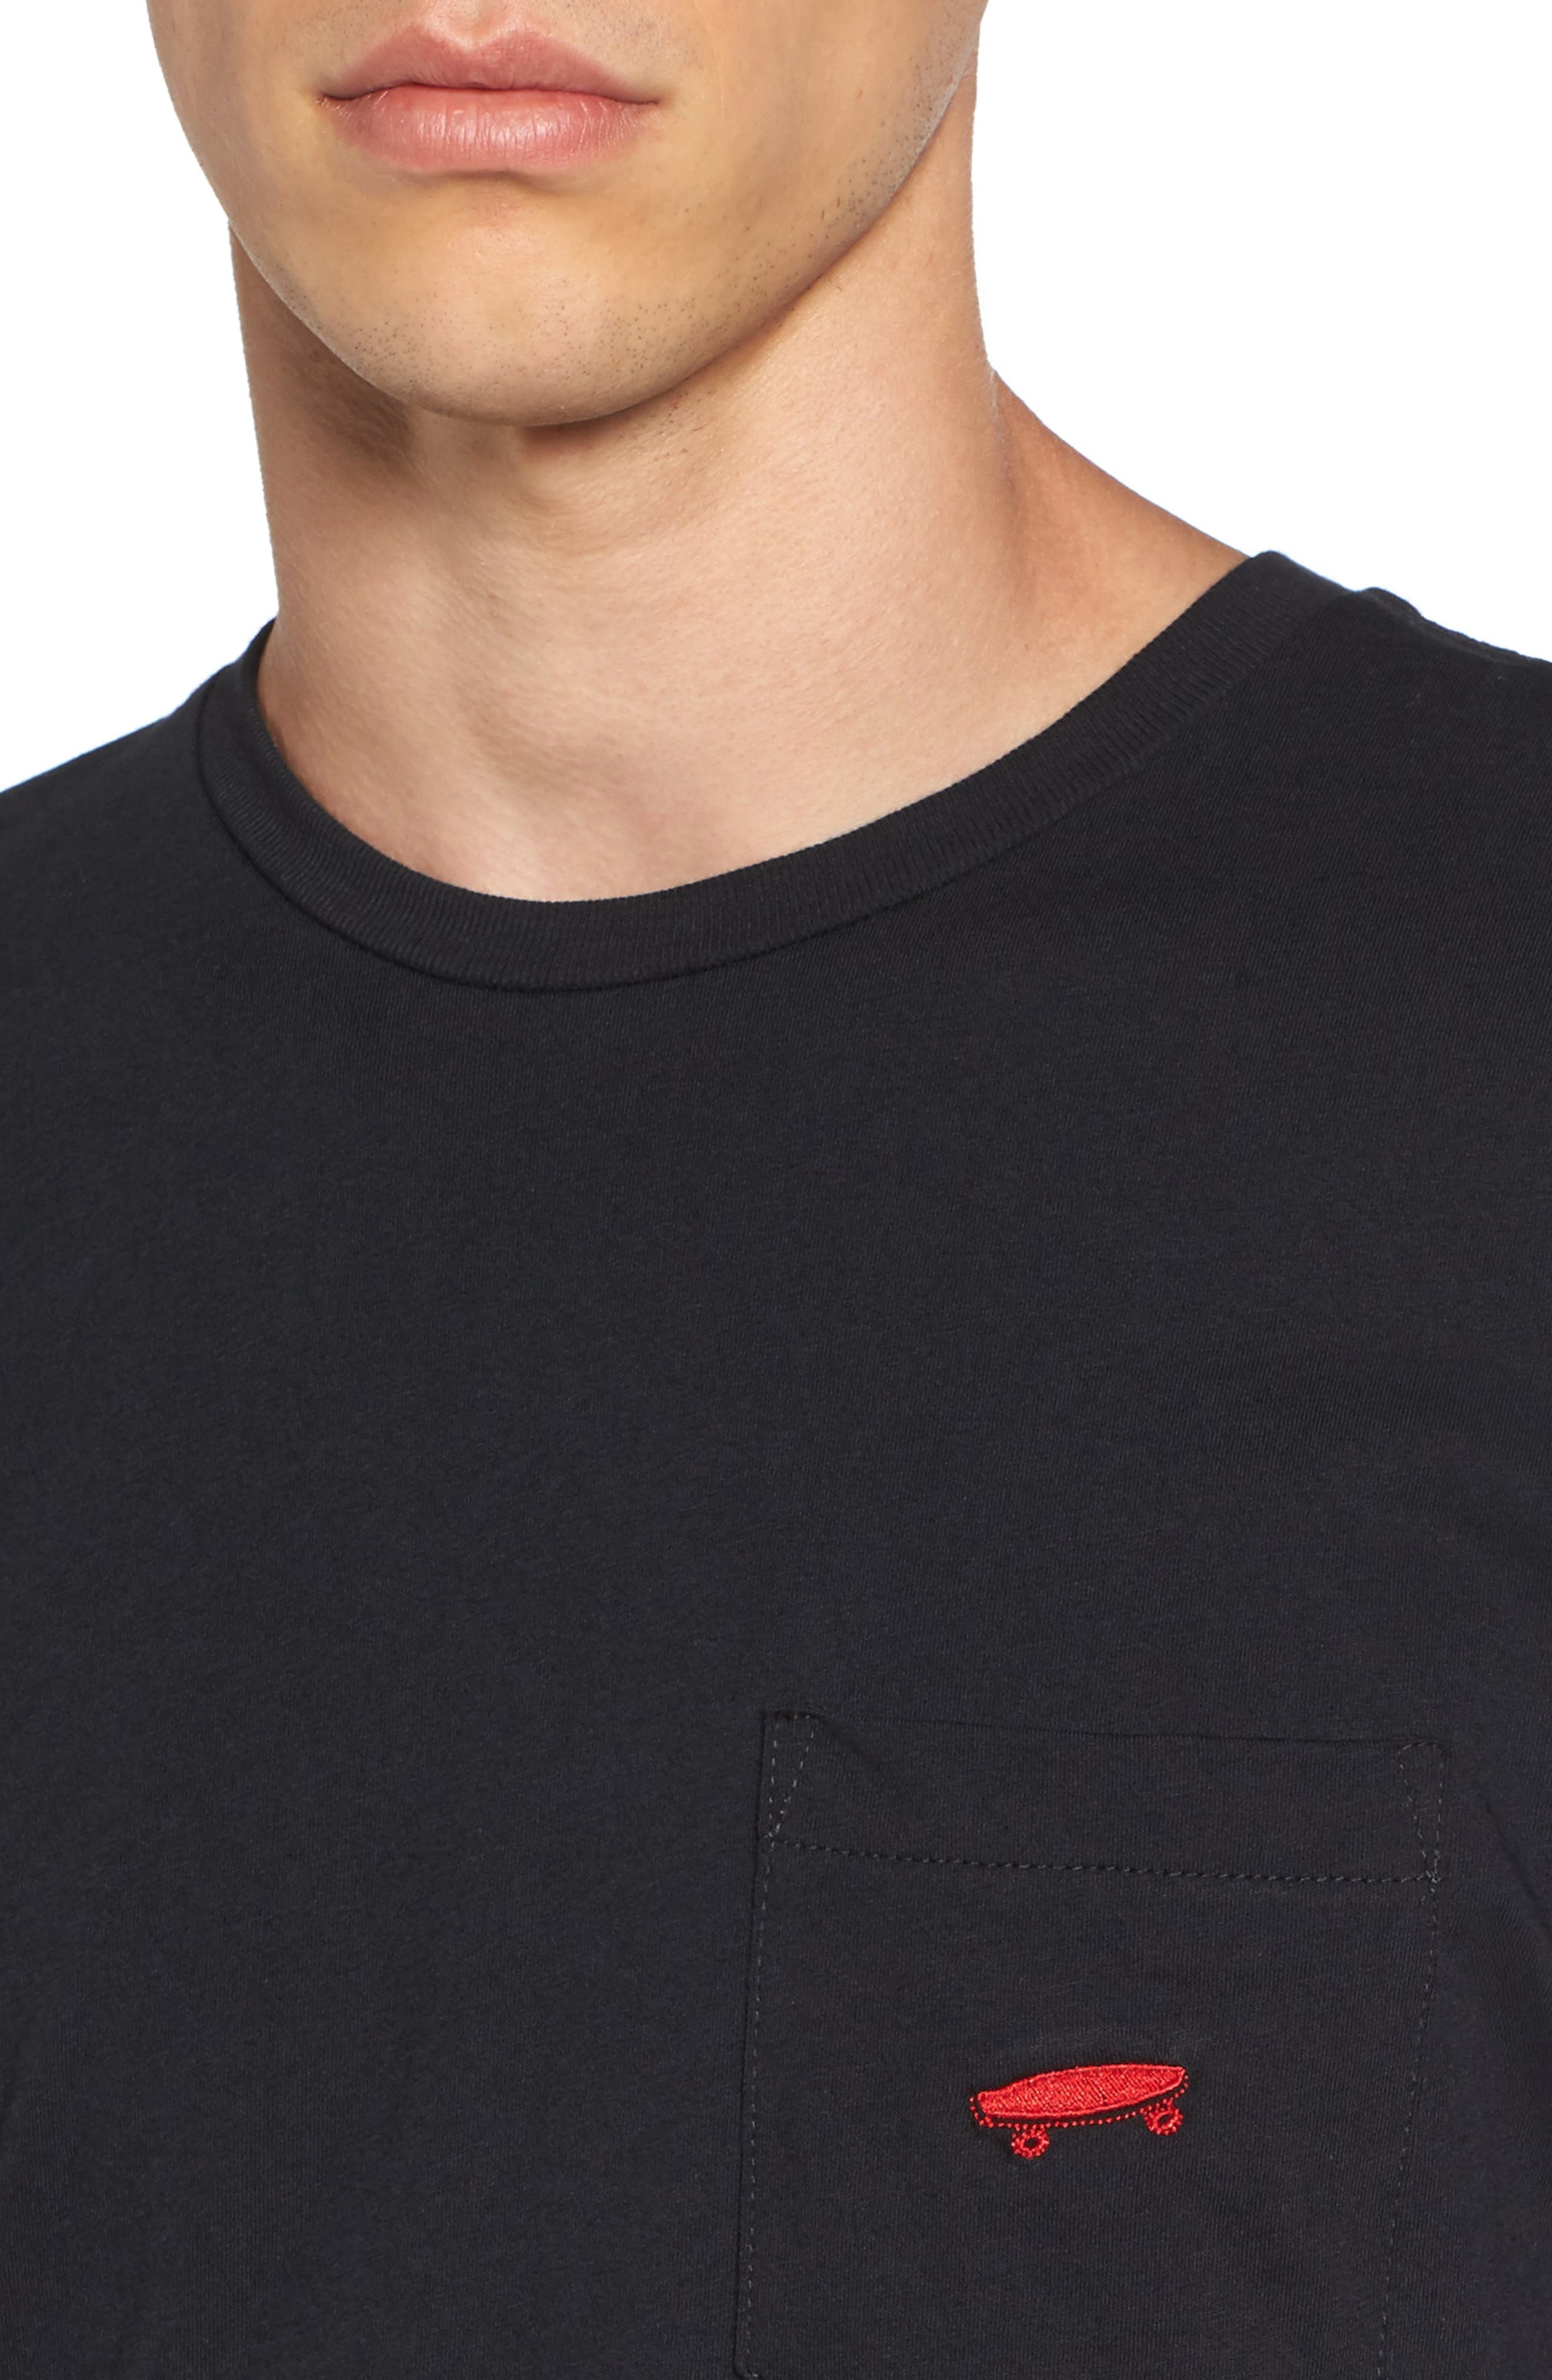 Alternate Image 4  - Vans Everyday Embroidered Pocket T-Shirt